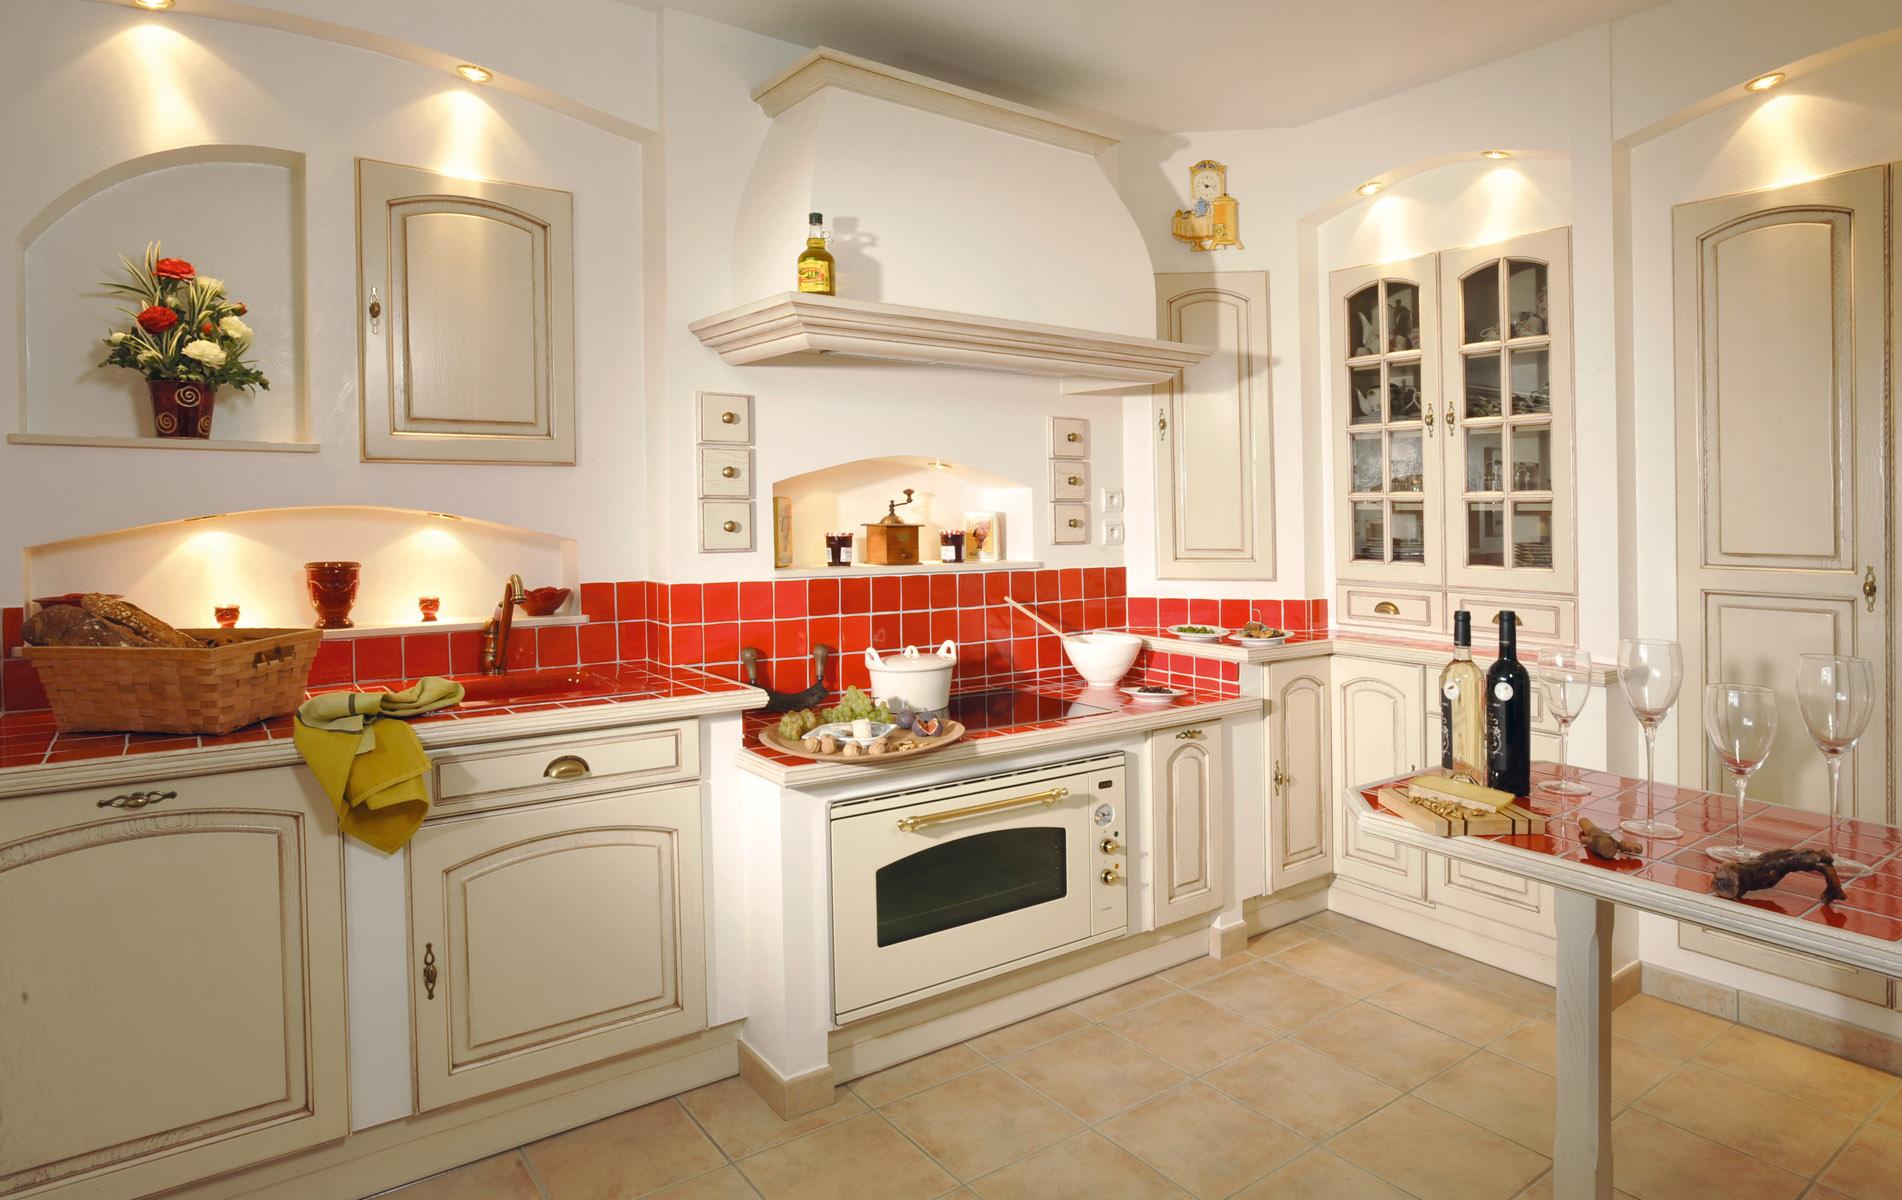 Kitchen_designs24 Kitchen designs